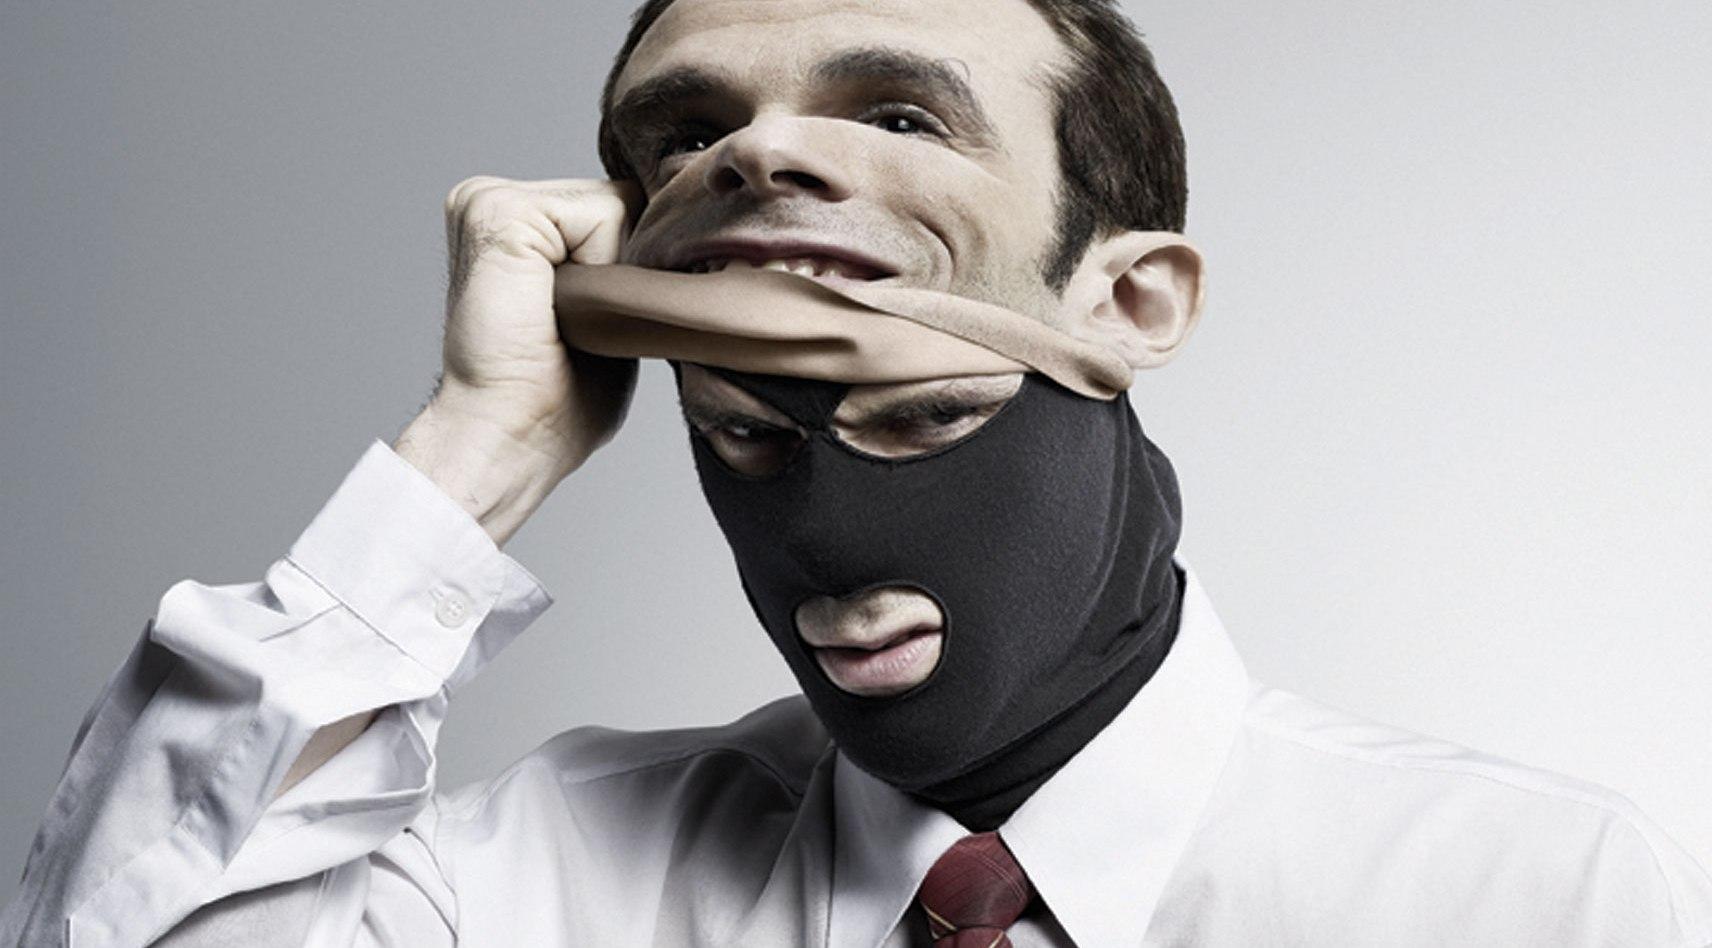 ВБарнауле лже-полицейский обманул директора ночного клуба